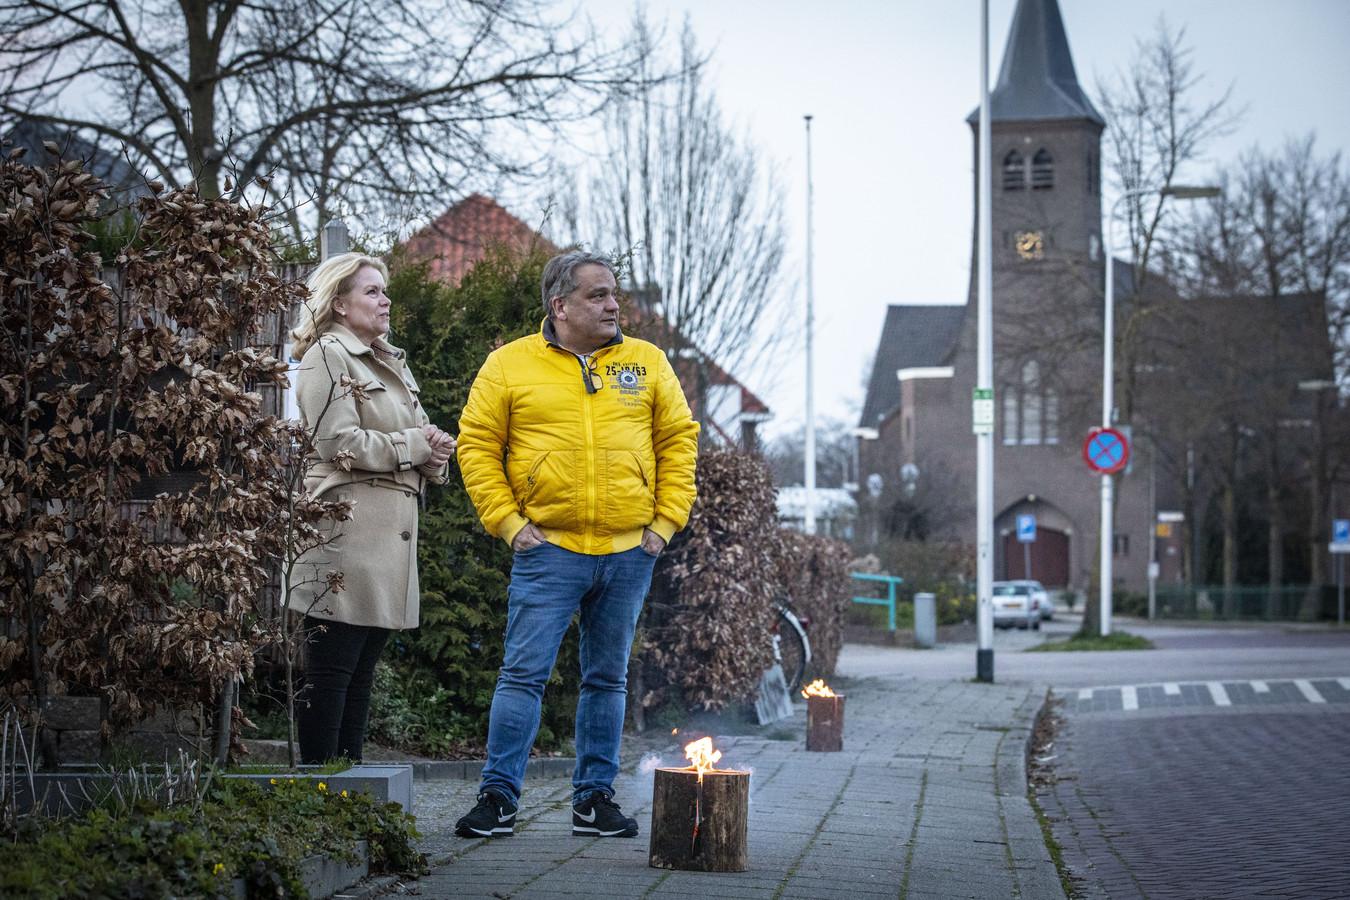 Voorzitter Denise Stadman van de Buurtschapsraad Lattrop-Breklenkamp en Michael Geerdink bij hun fakkel.